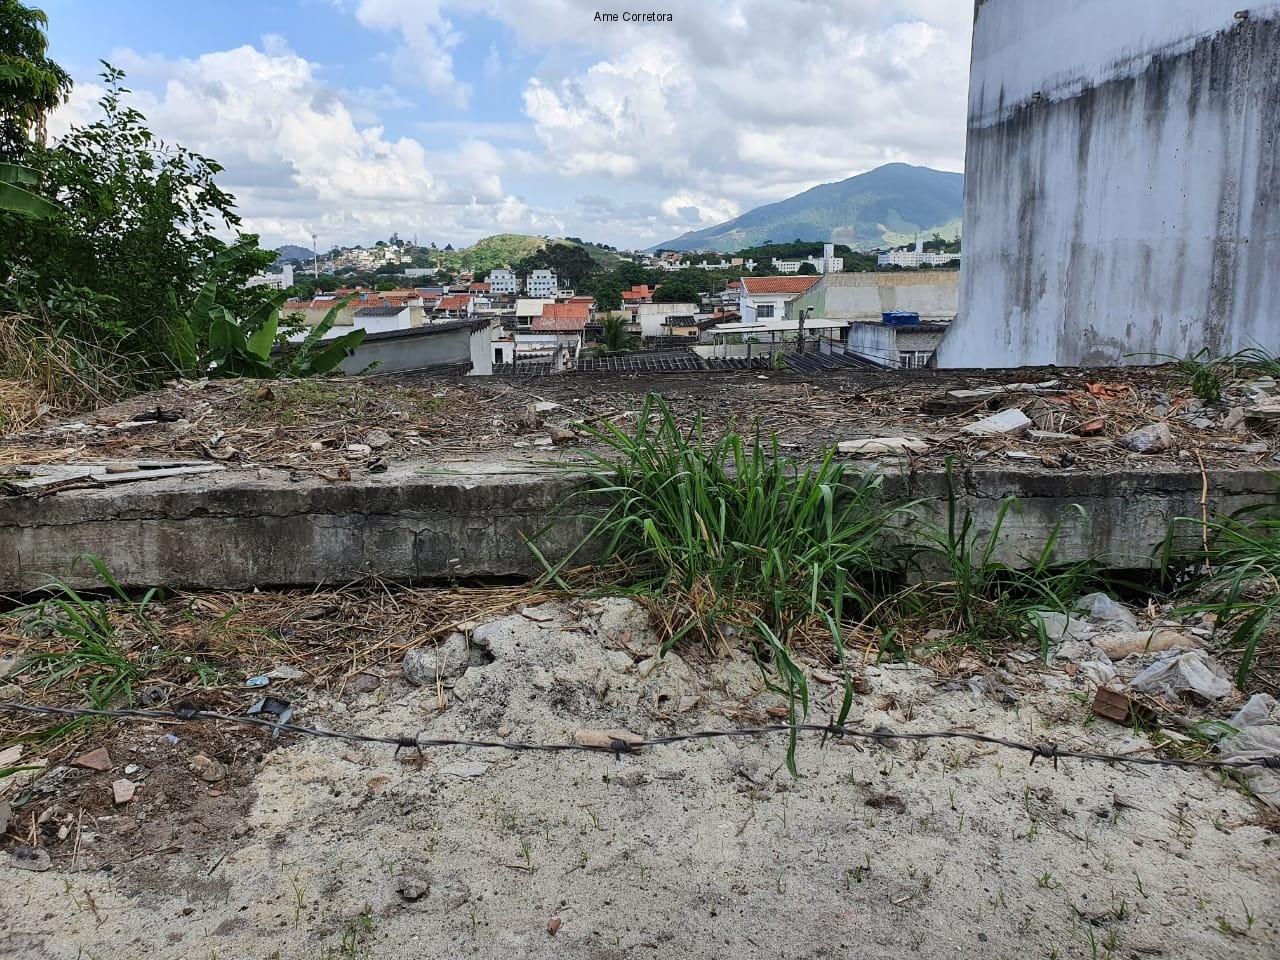 FOTO 04 - Terreno Residencial à venda Rio de Janeiro,RJ - R$ 110.000 - TE00050 - 4